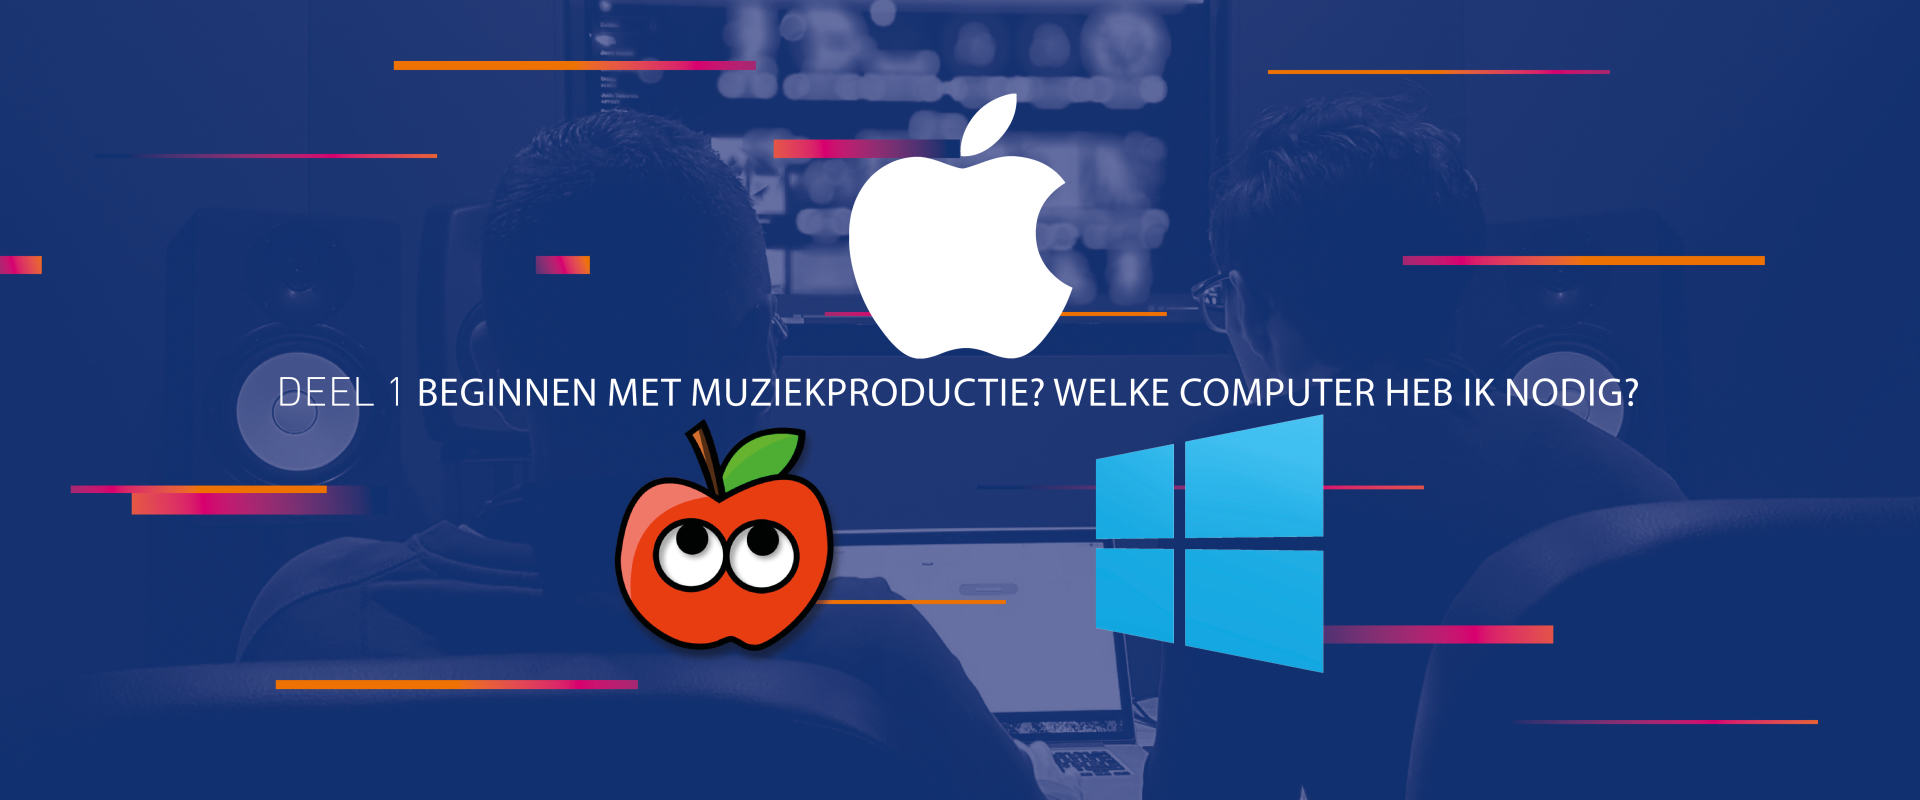 Wil jij muziek gaan produceren? Welke muziekproductie computer is het beste geschikt?